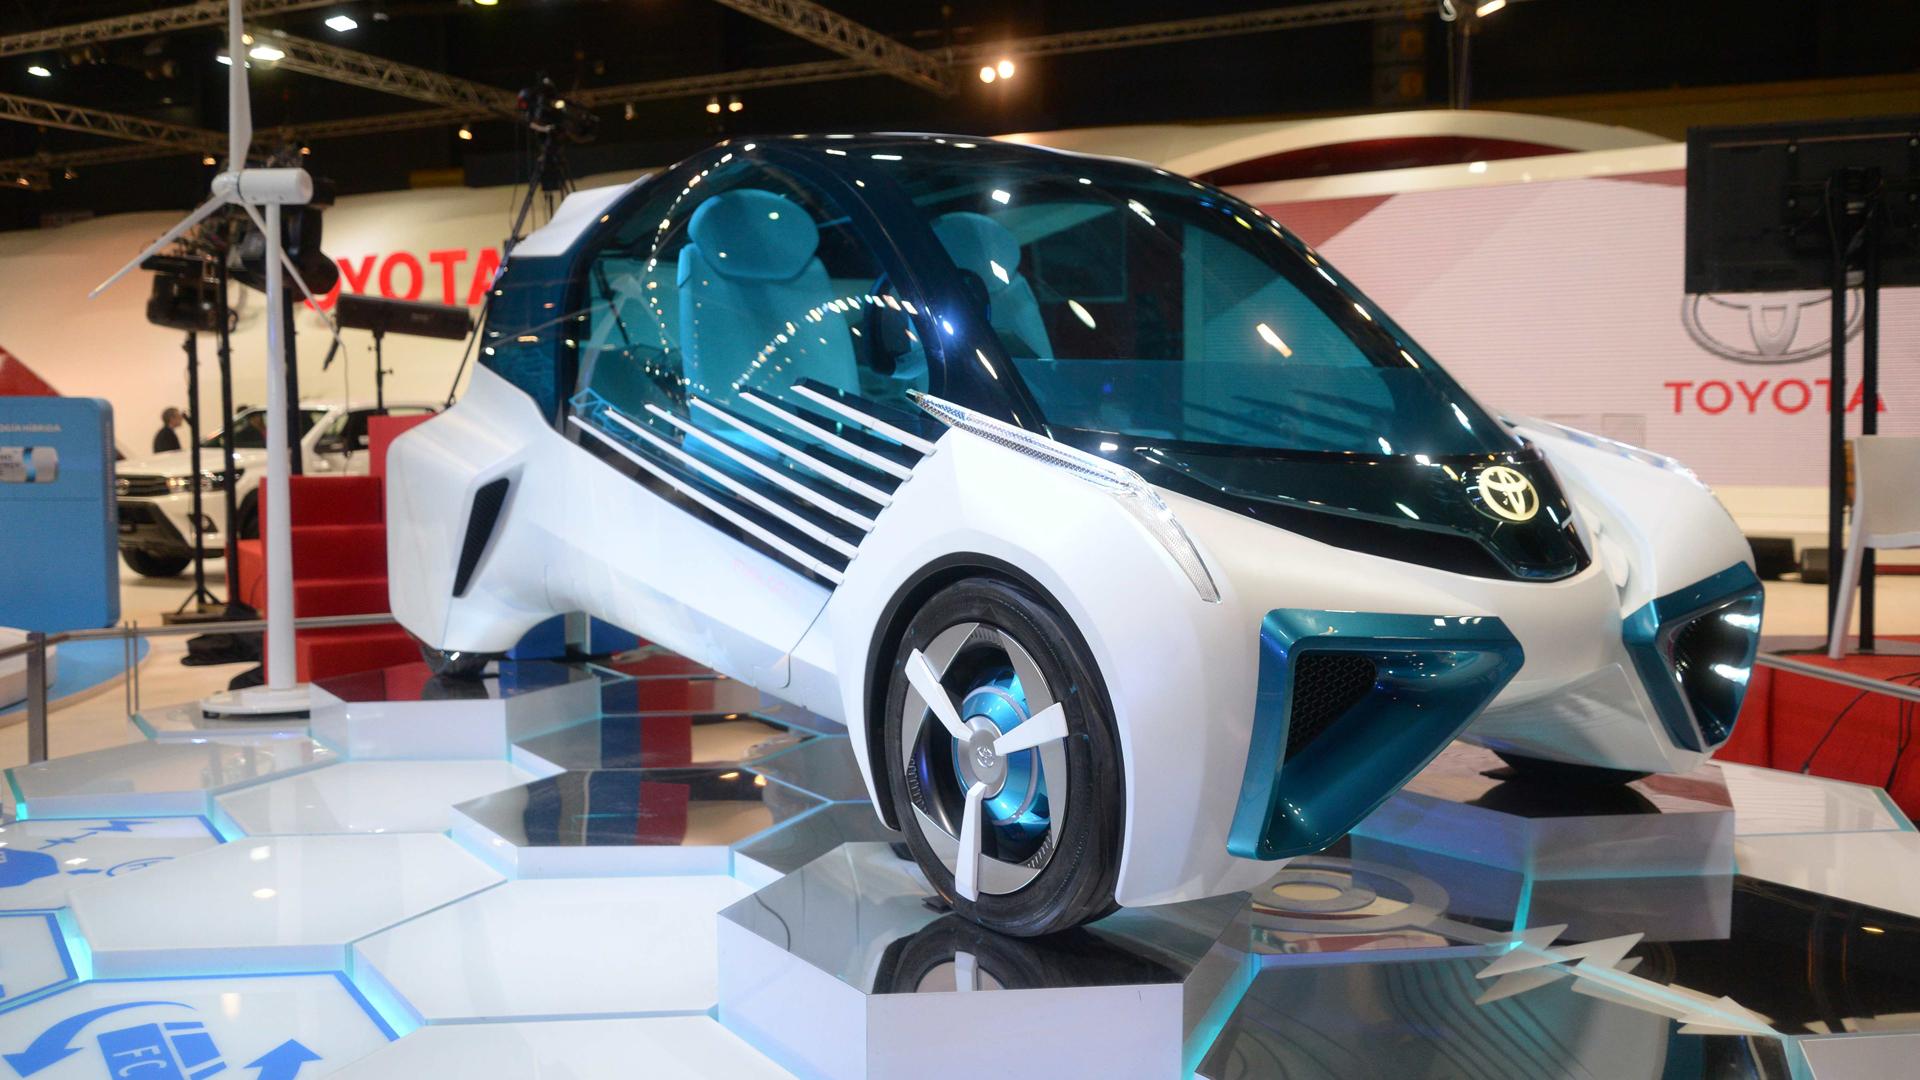 El Toyota FCV Plus Concept es un biplaza con estética de compacto urbano que se mueve gracias a una pila de hidrógeno (Enrique Abatte)